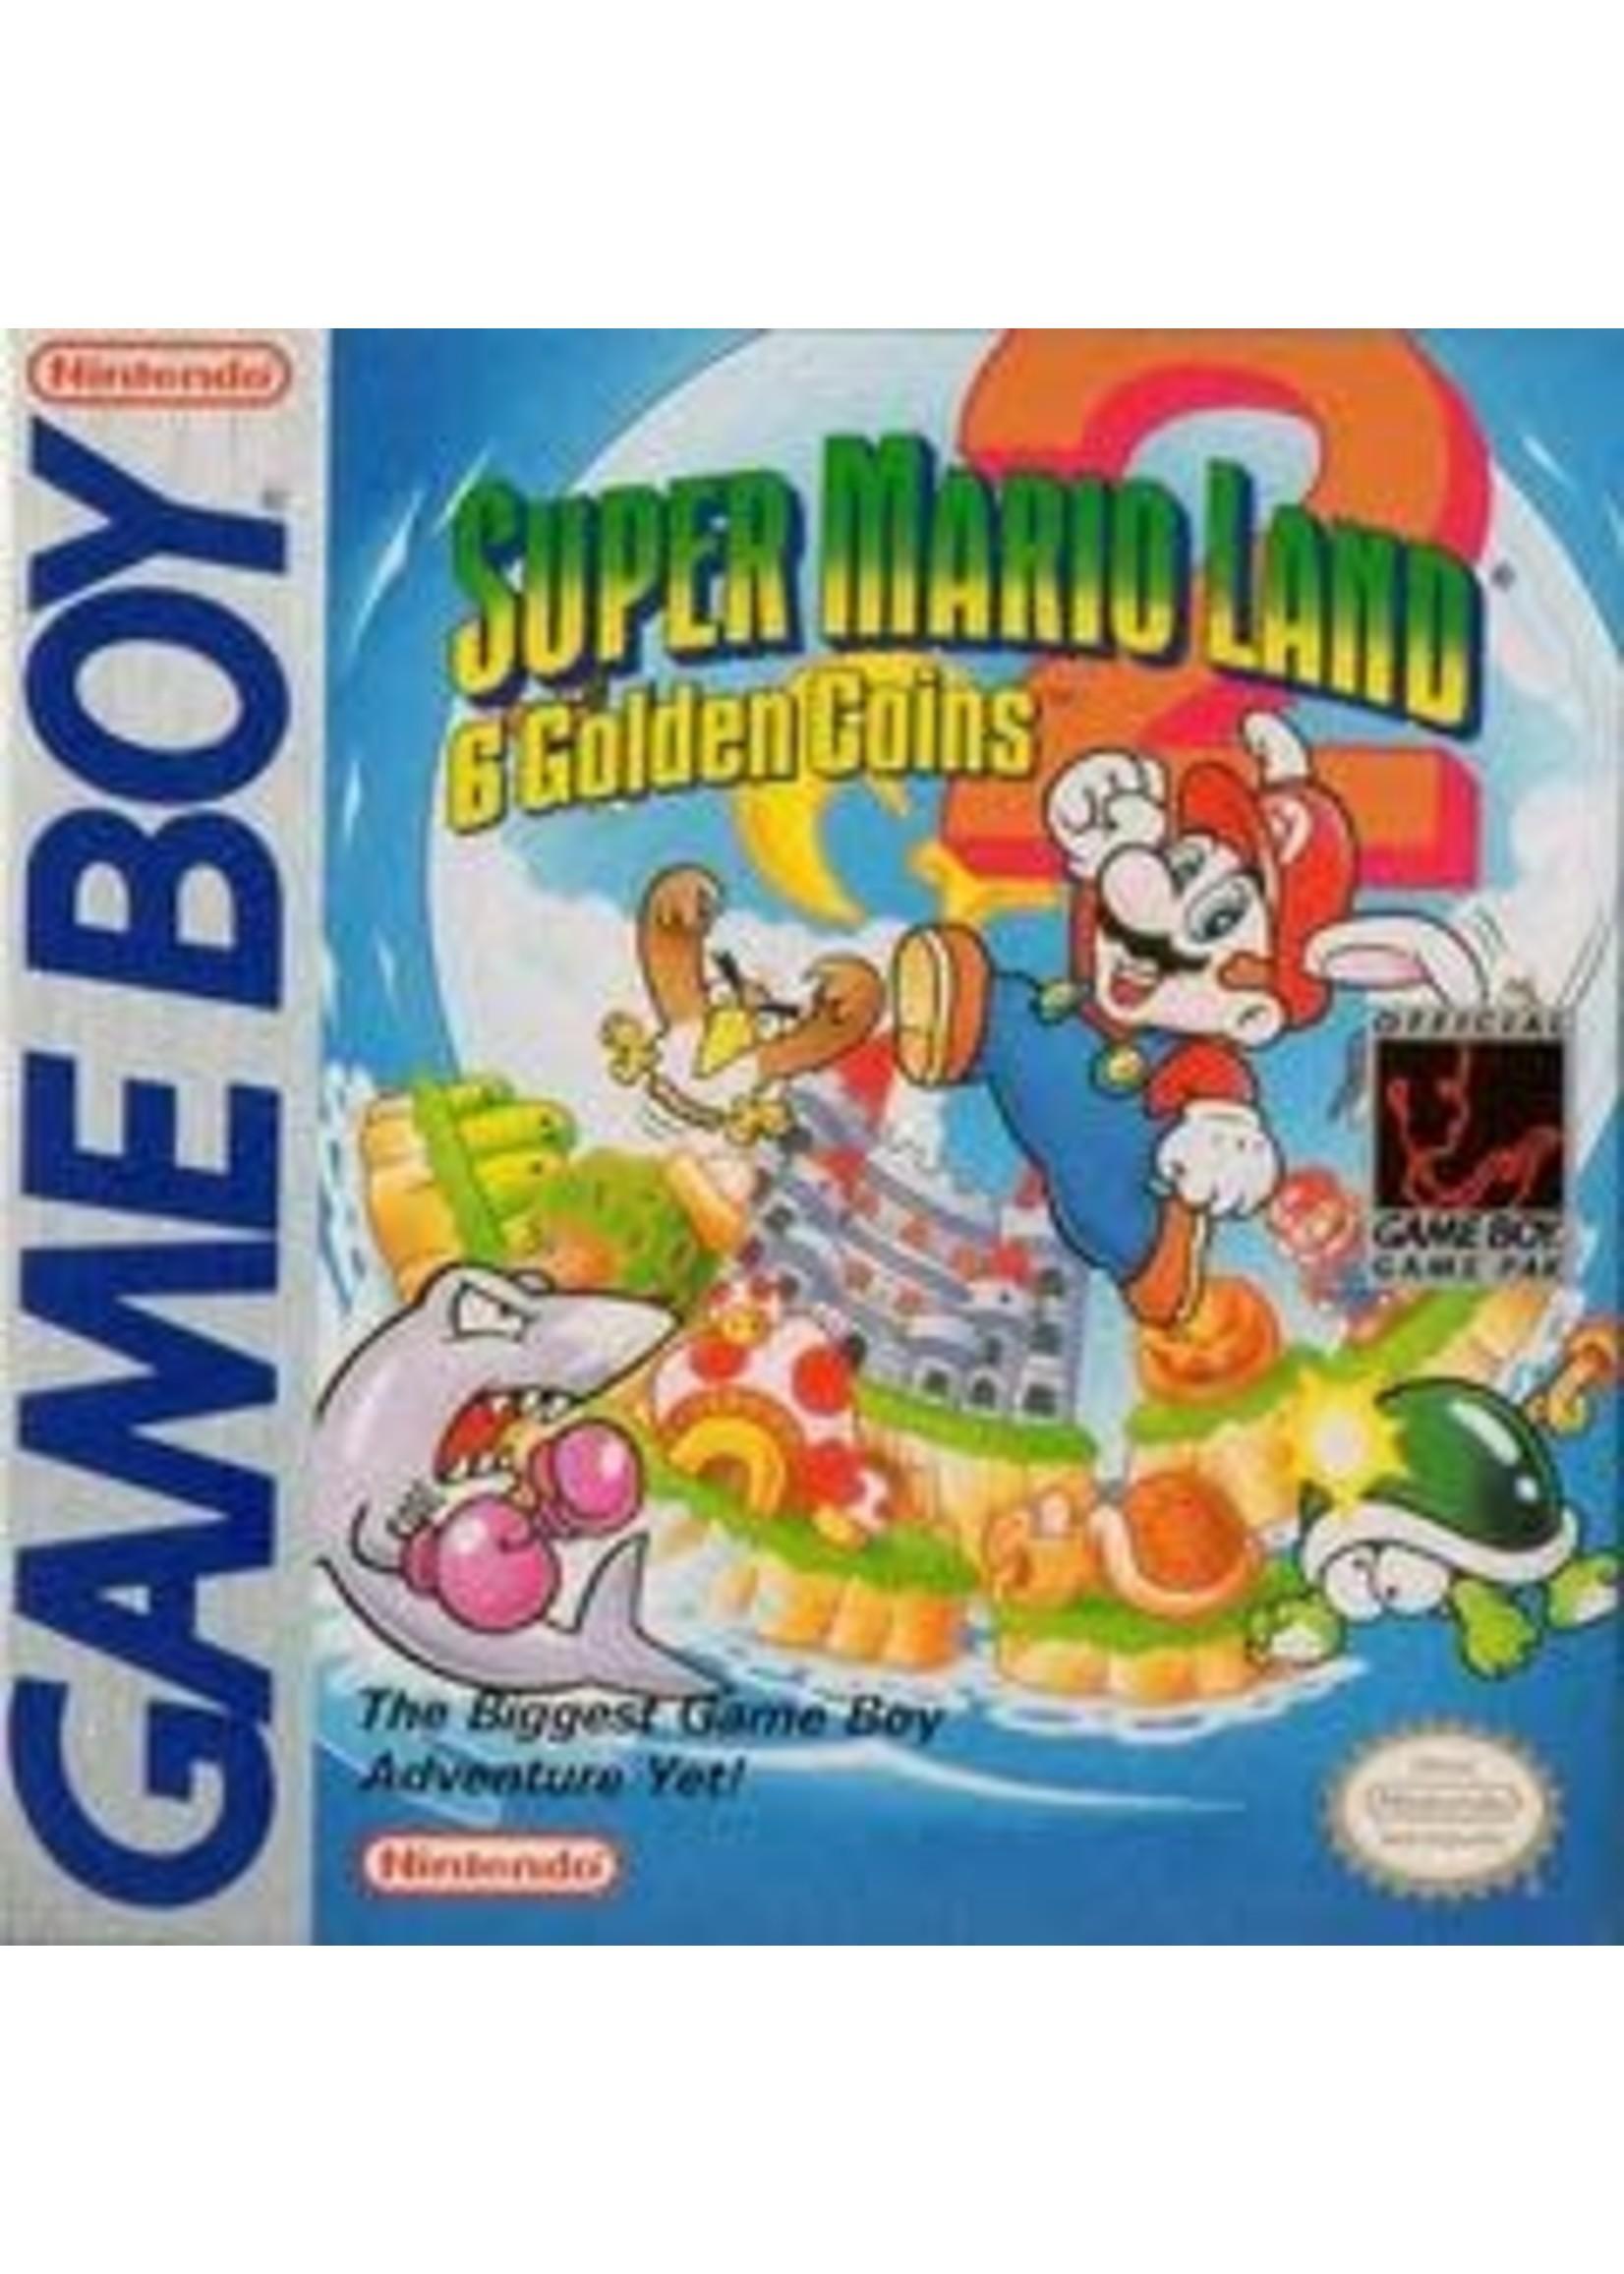 Super Mario Land 2 GameBoy